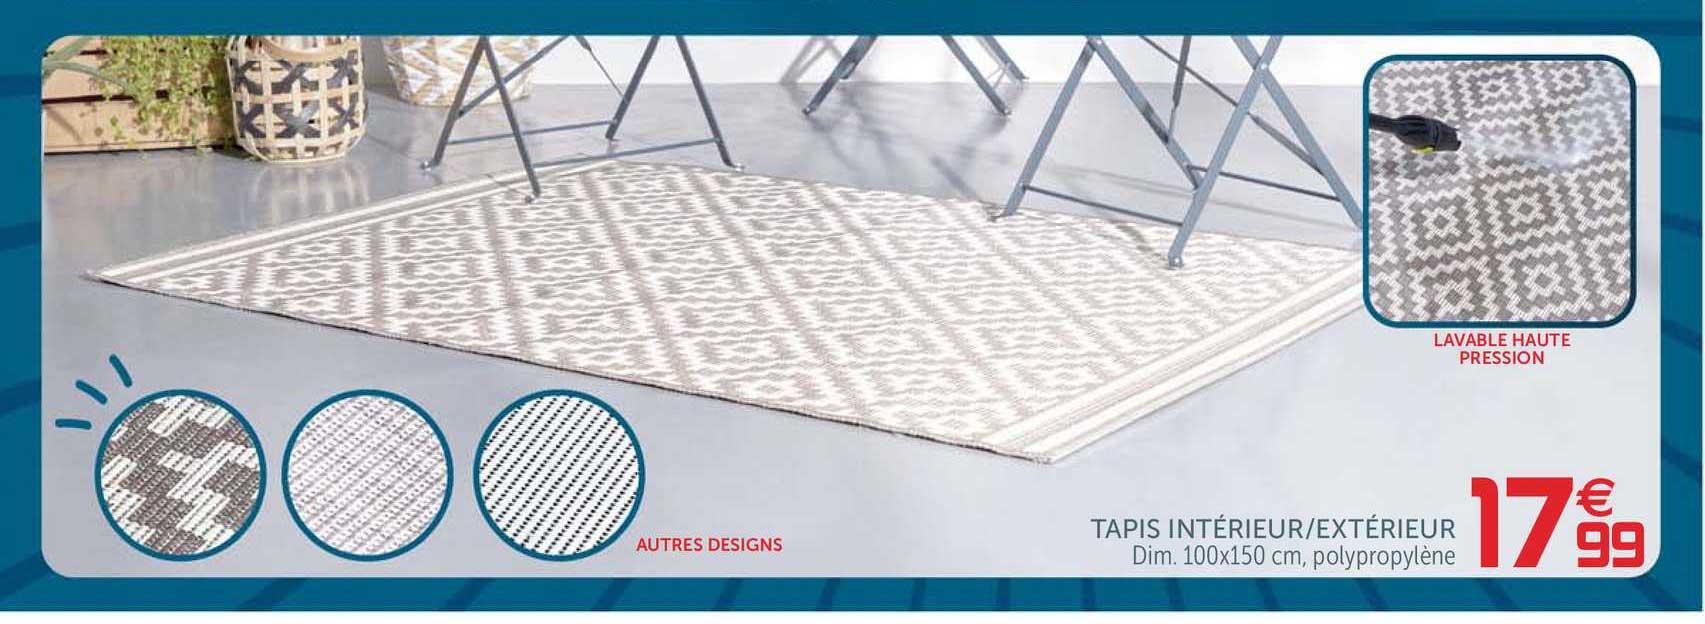 offre tapis interieur exterieur chez gifi